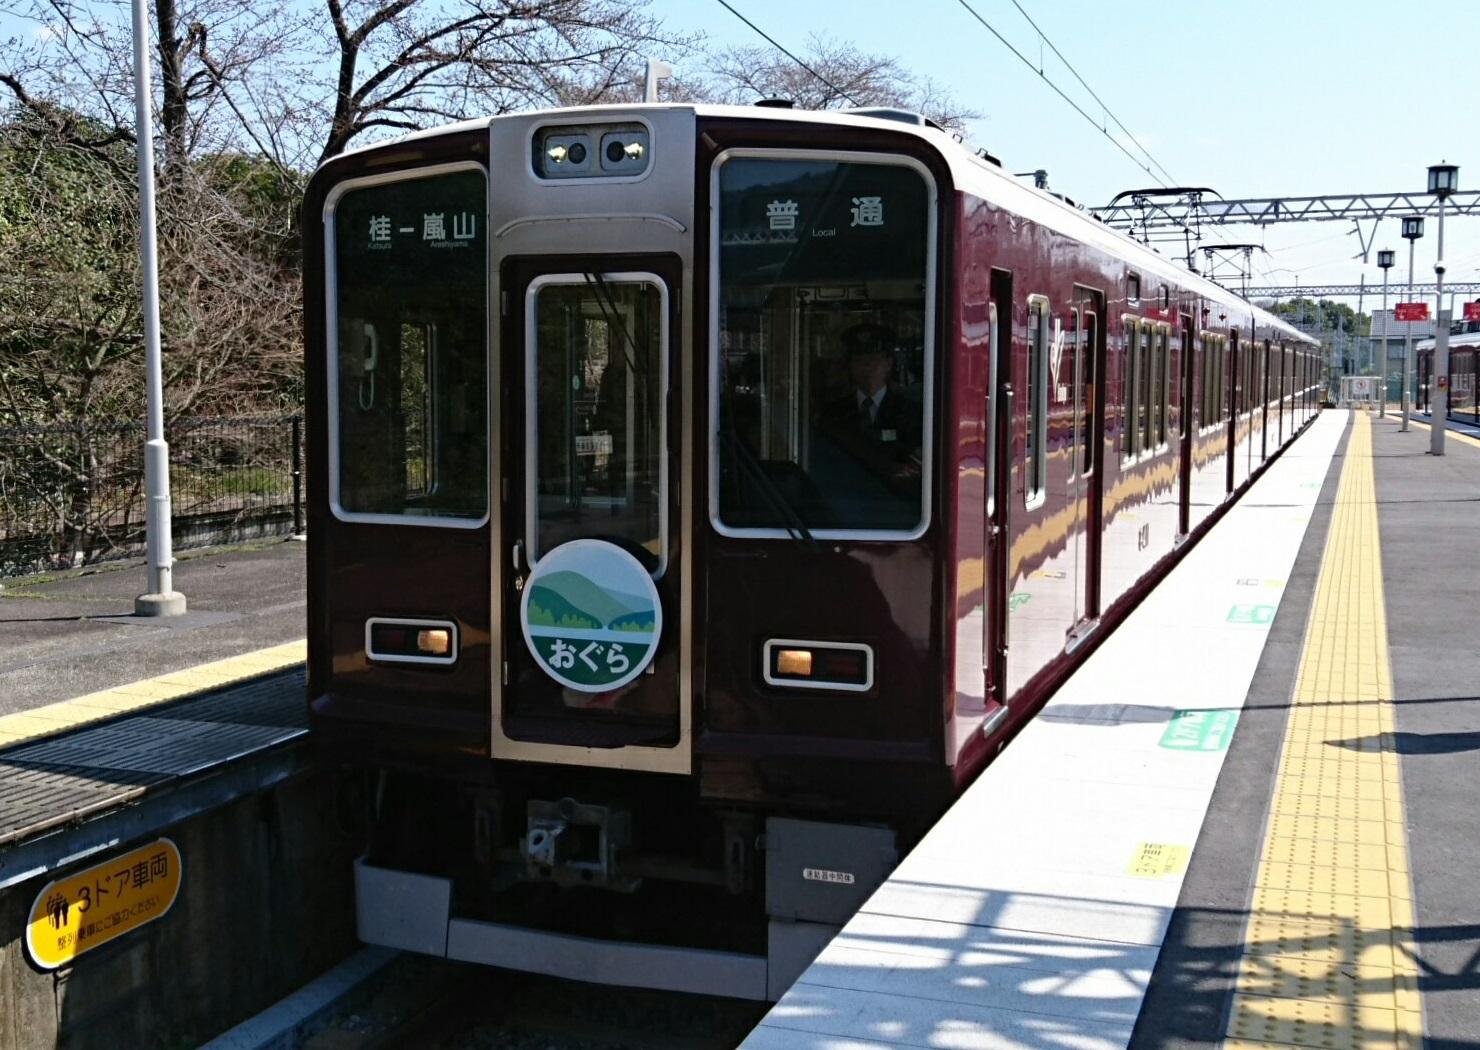 2017.4.2 阪急 (7) 嵐山 - おりかえし桂いきふつう 1480-1050